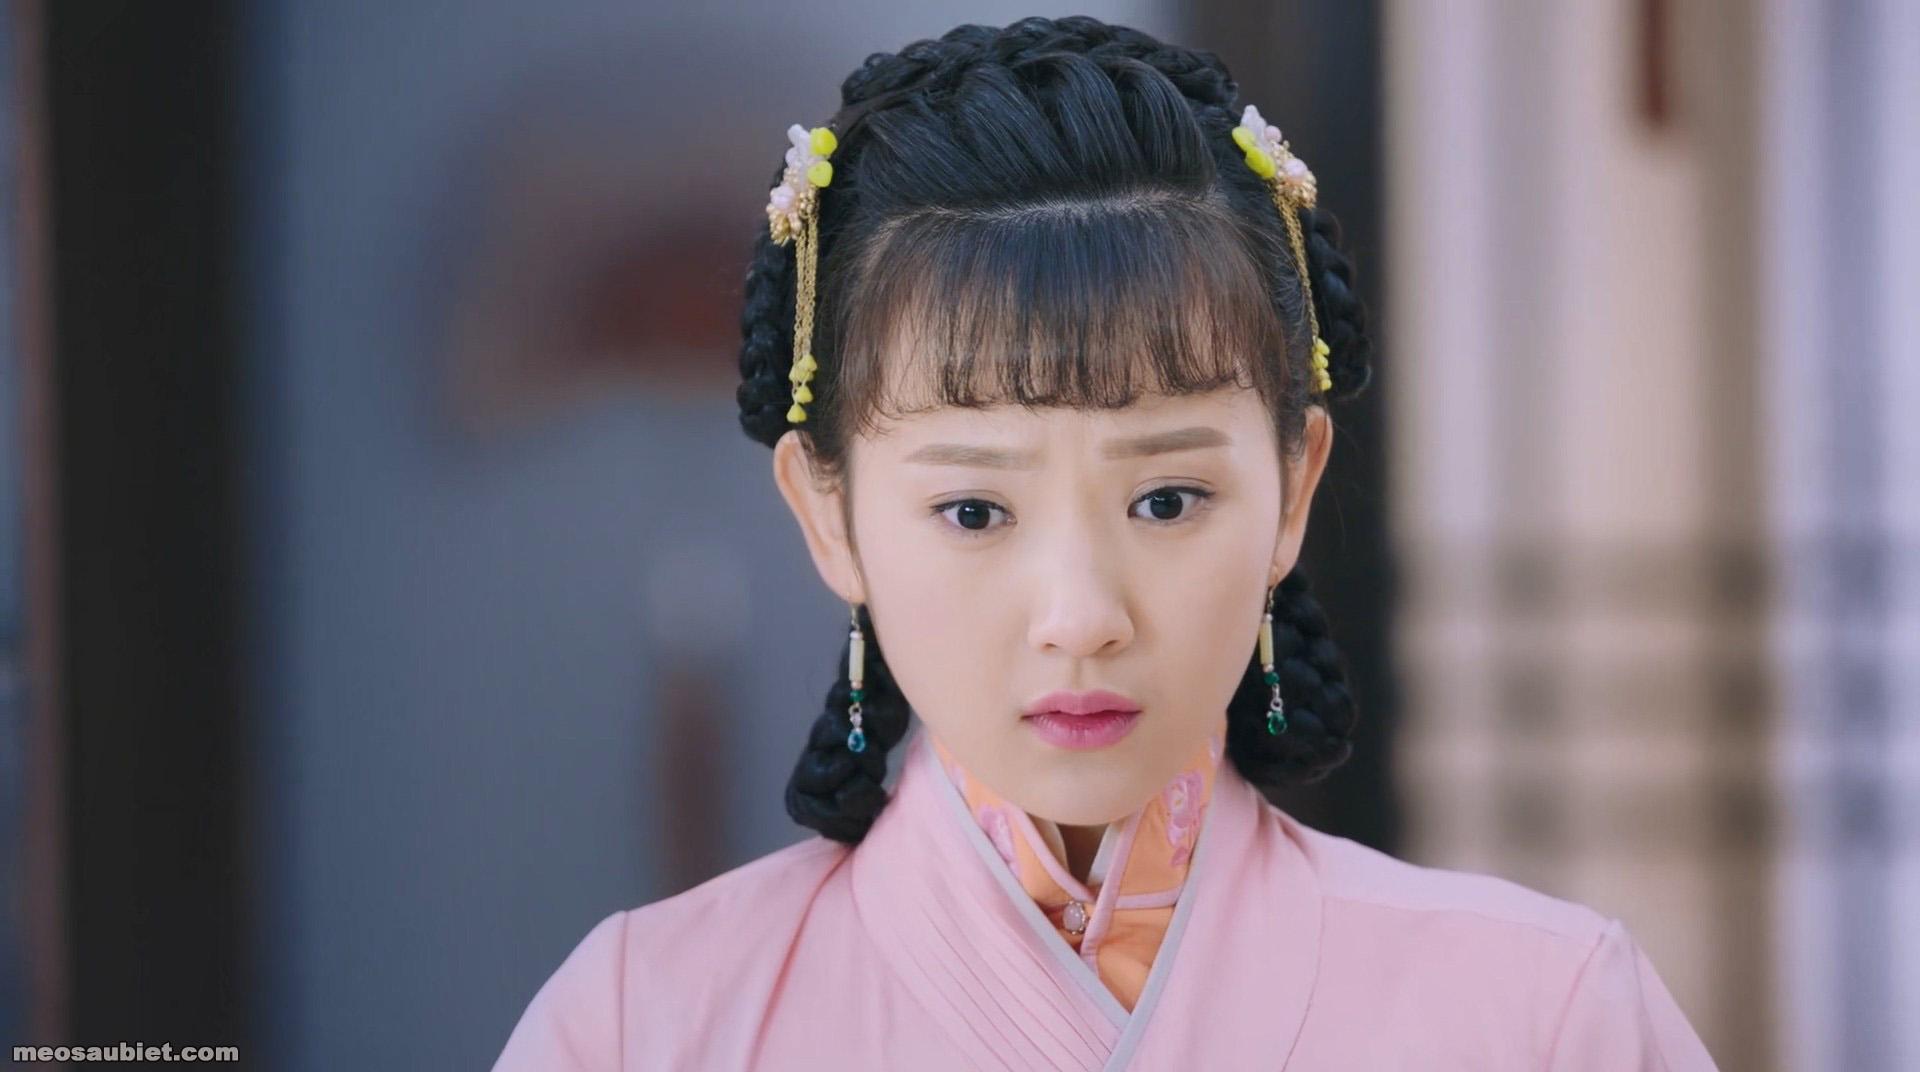 Song thế sủng phi 2017 Tôn Nghệ Ninh trong vai Kính Tâm